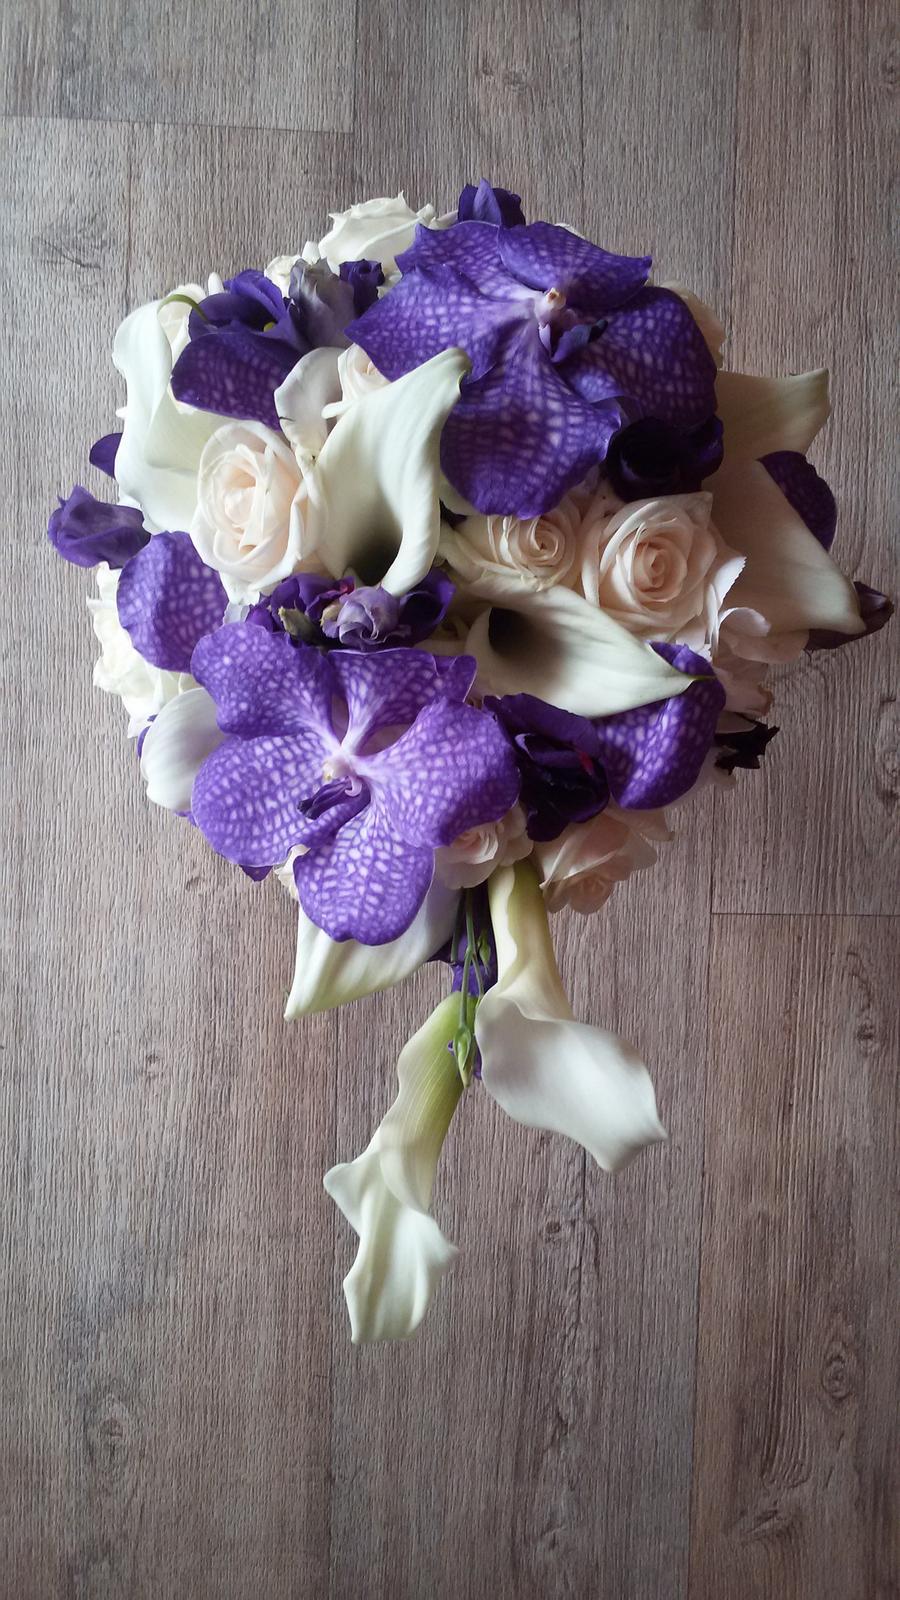 Šárka{{_AND_}}Petr - moje DOKONALÁ kytice od http://svatebni-kvetiny-fiore.webnode.cz/ DOPORUČUJI!